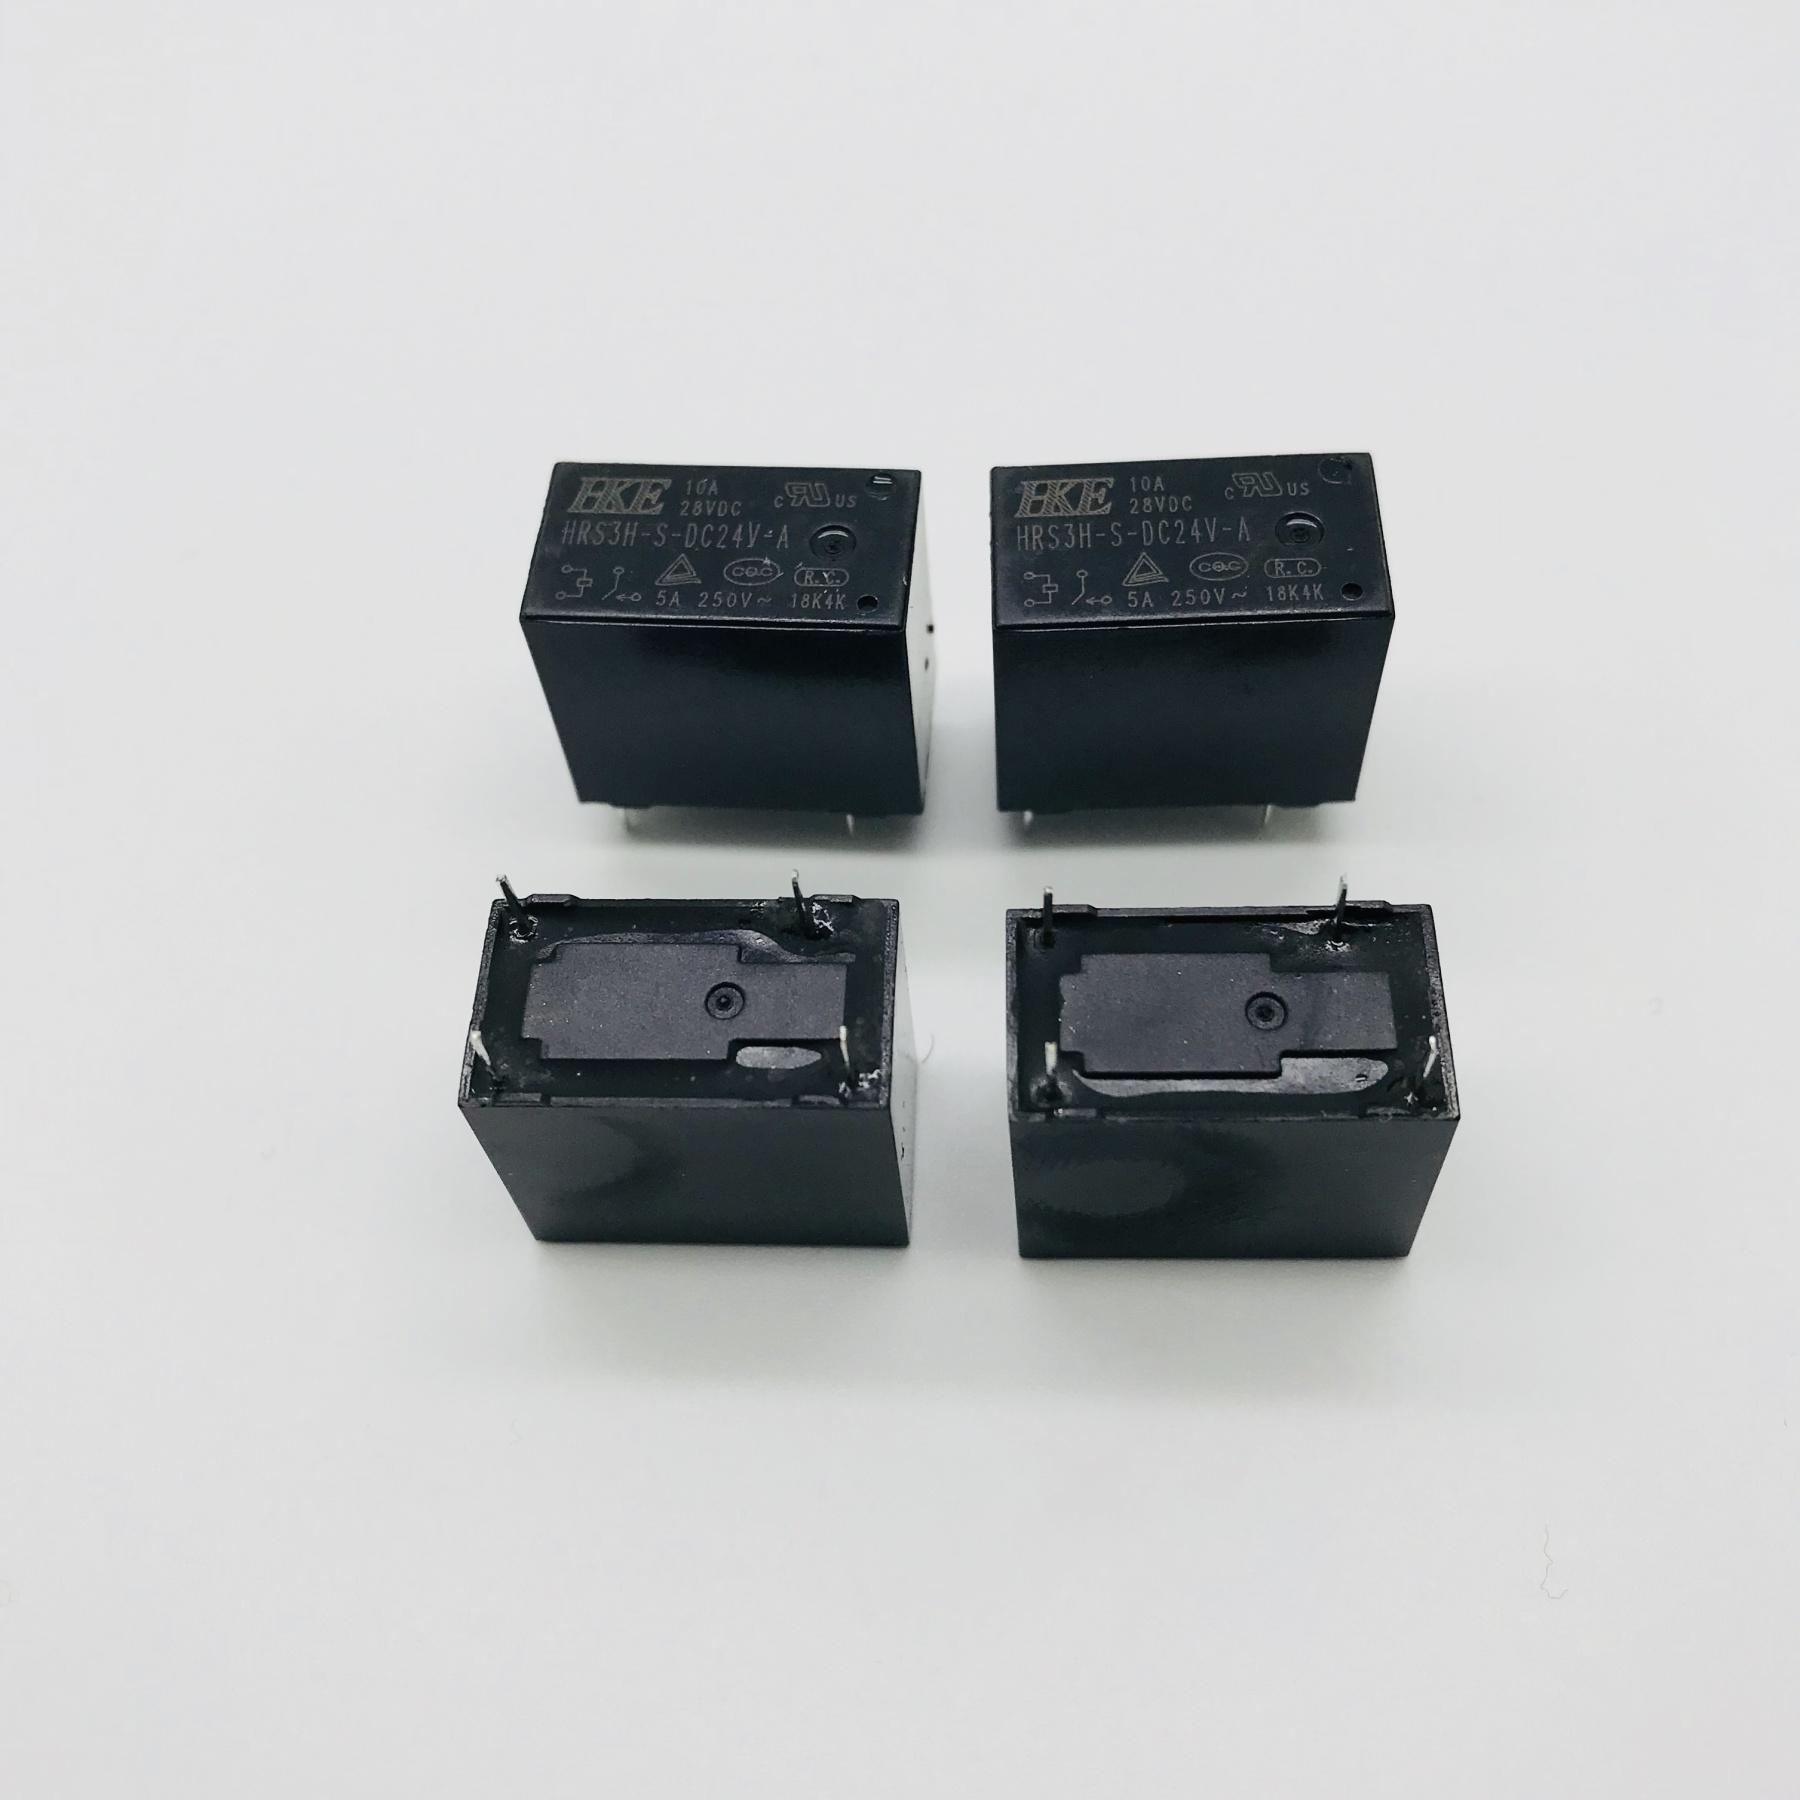 5pcs//10pcs HF46F-5-HS1 New 4Pins Relay DC5V 5VDC